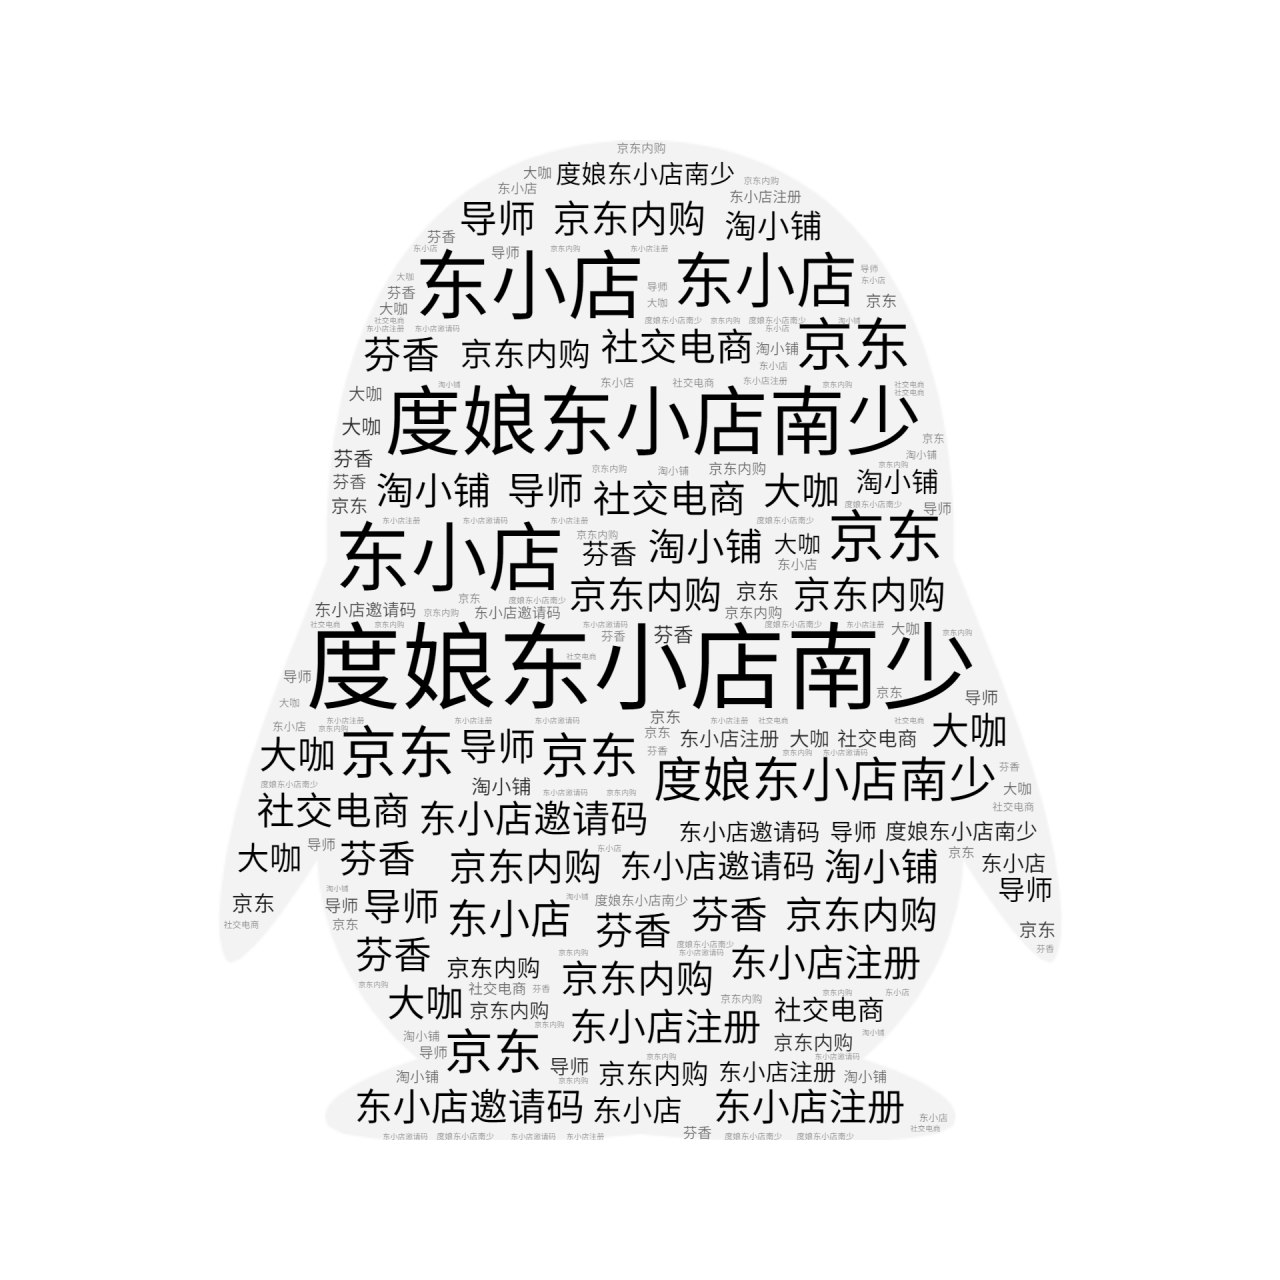 东小店南少:普通人做东小店社交电商,能不能实现财务自由?插图8